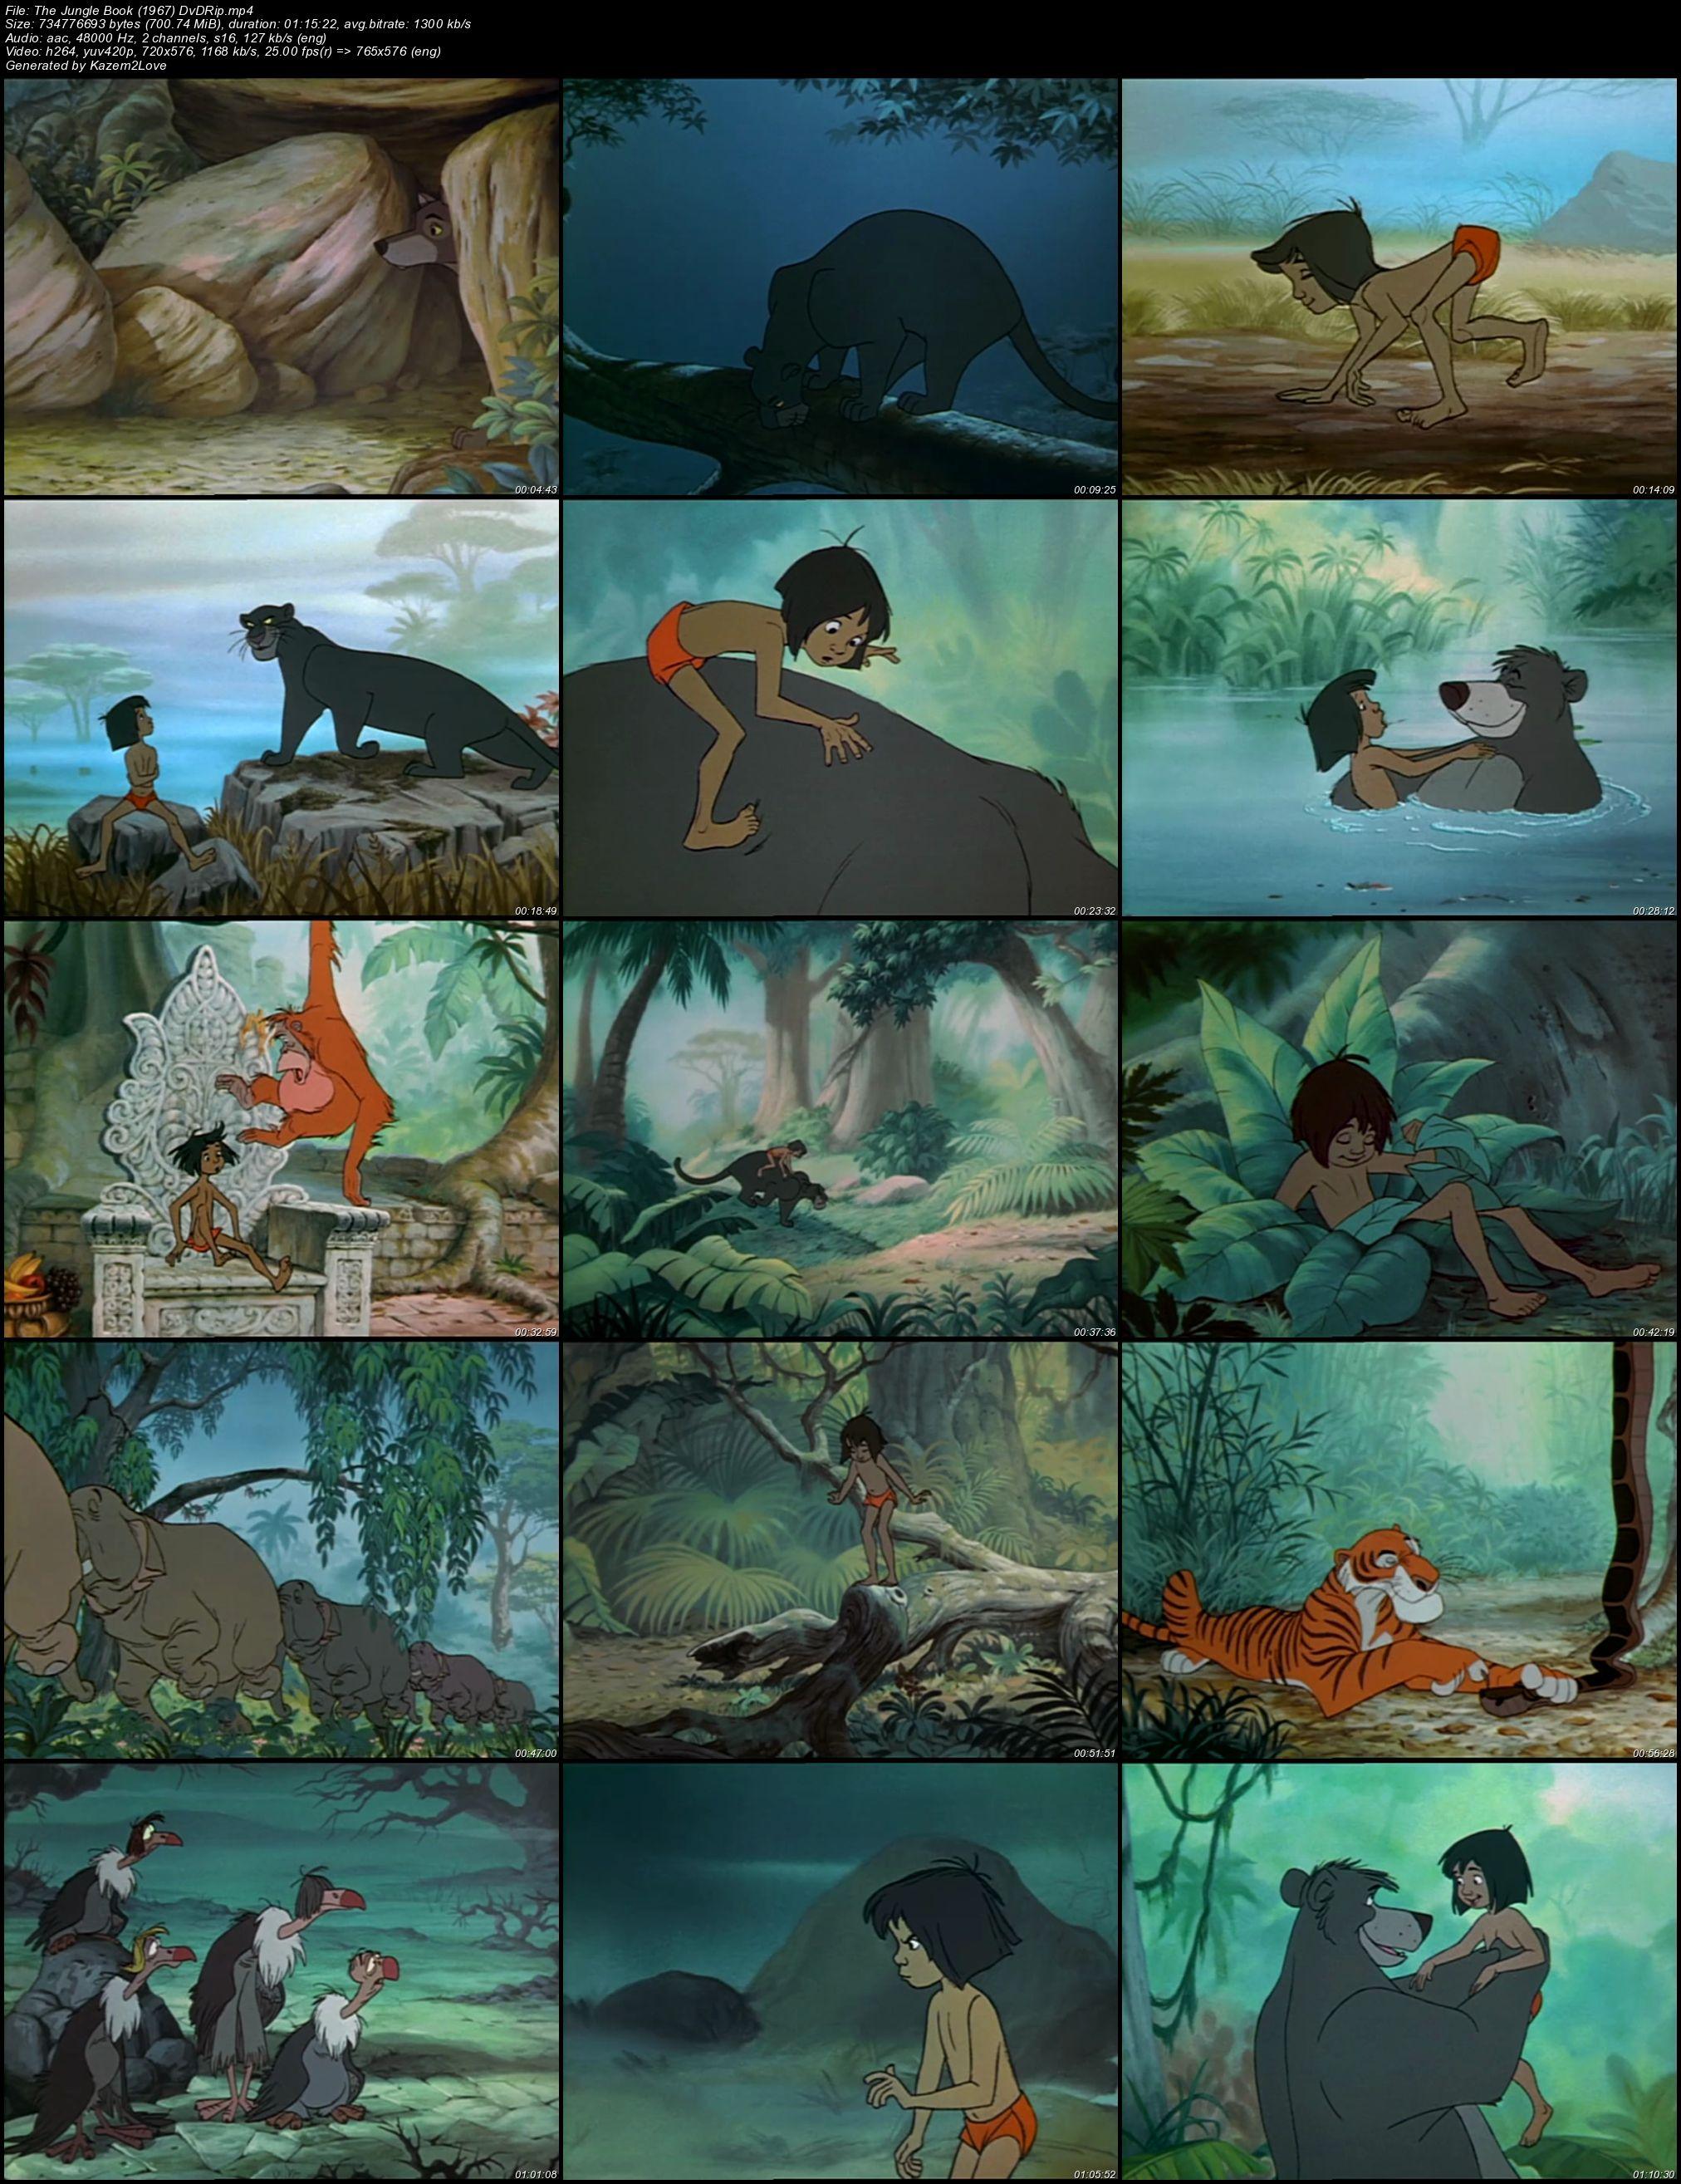 Rikki-Tikki-Tavi – The Jungle Book